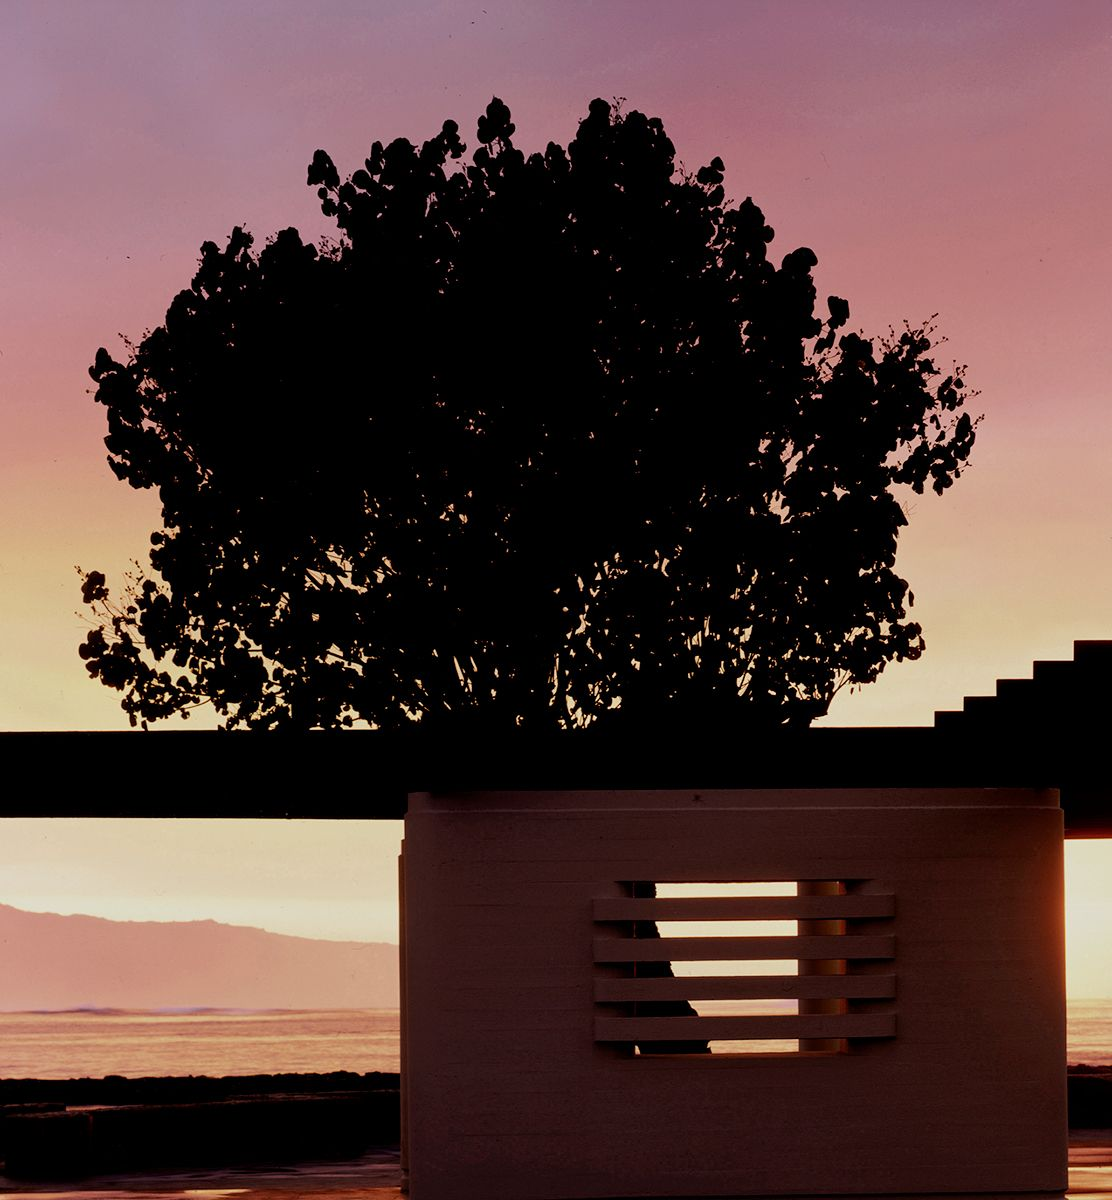 Tree_wall_ocean.sunset_hawaii